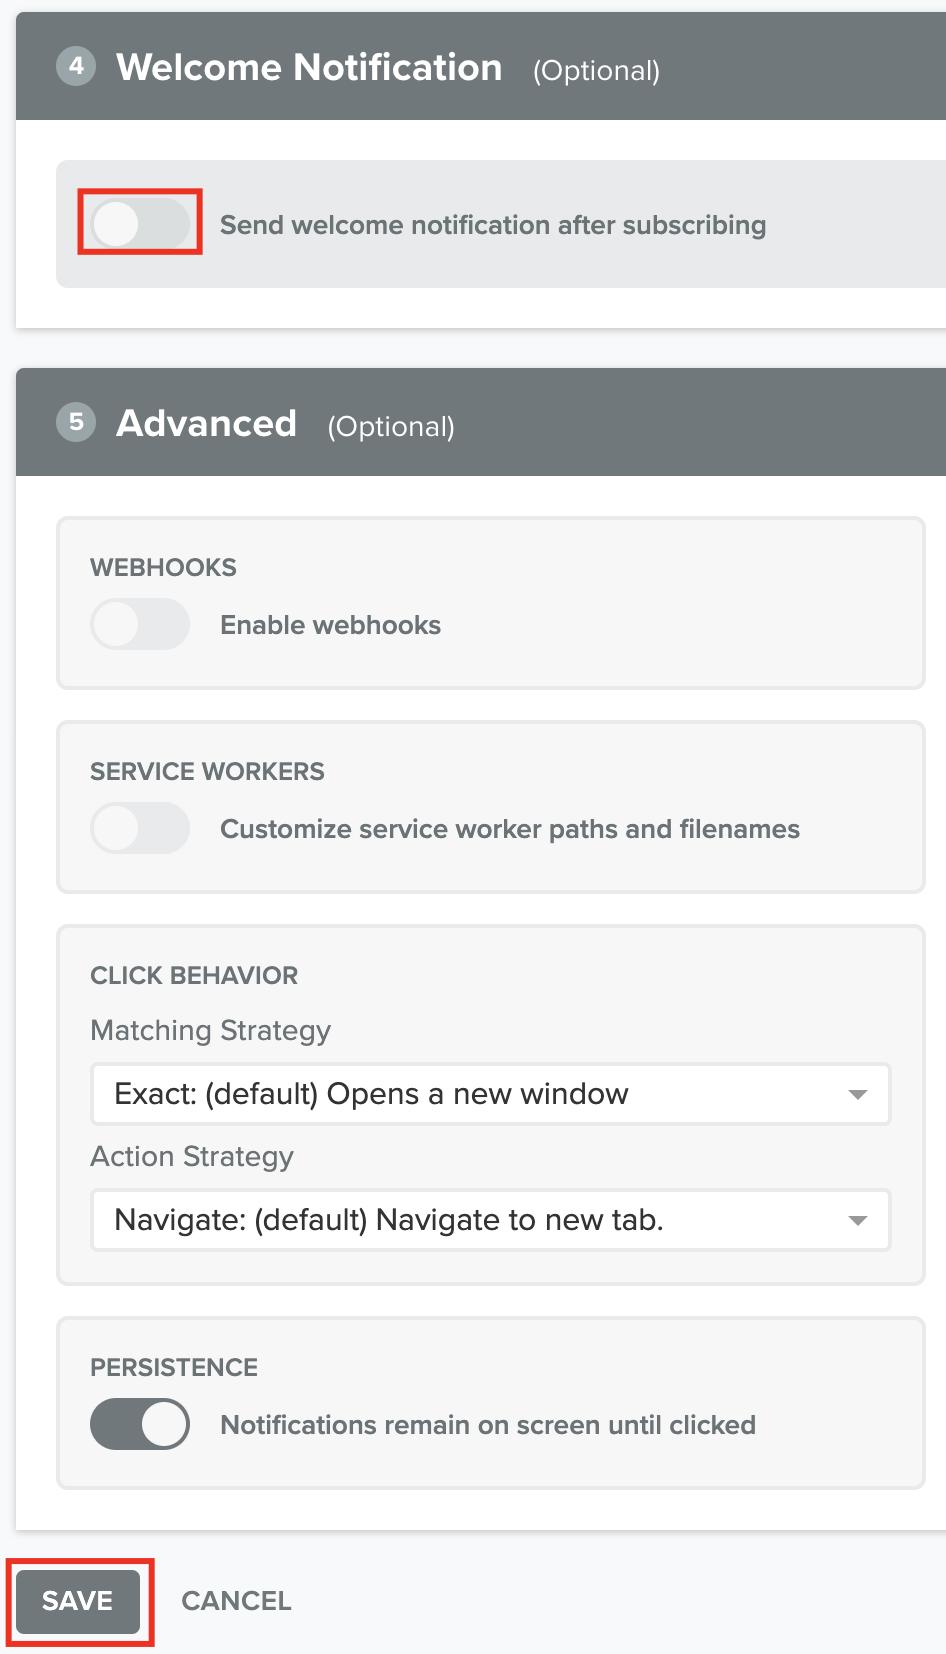 Si deseamos podemos configurar una notificación de Bienvenida luego que el cliente acepte recibir notificaciones y por último podemos guardar los cambios para finalizar.